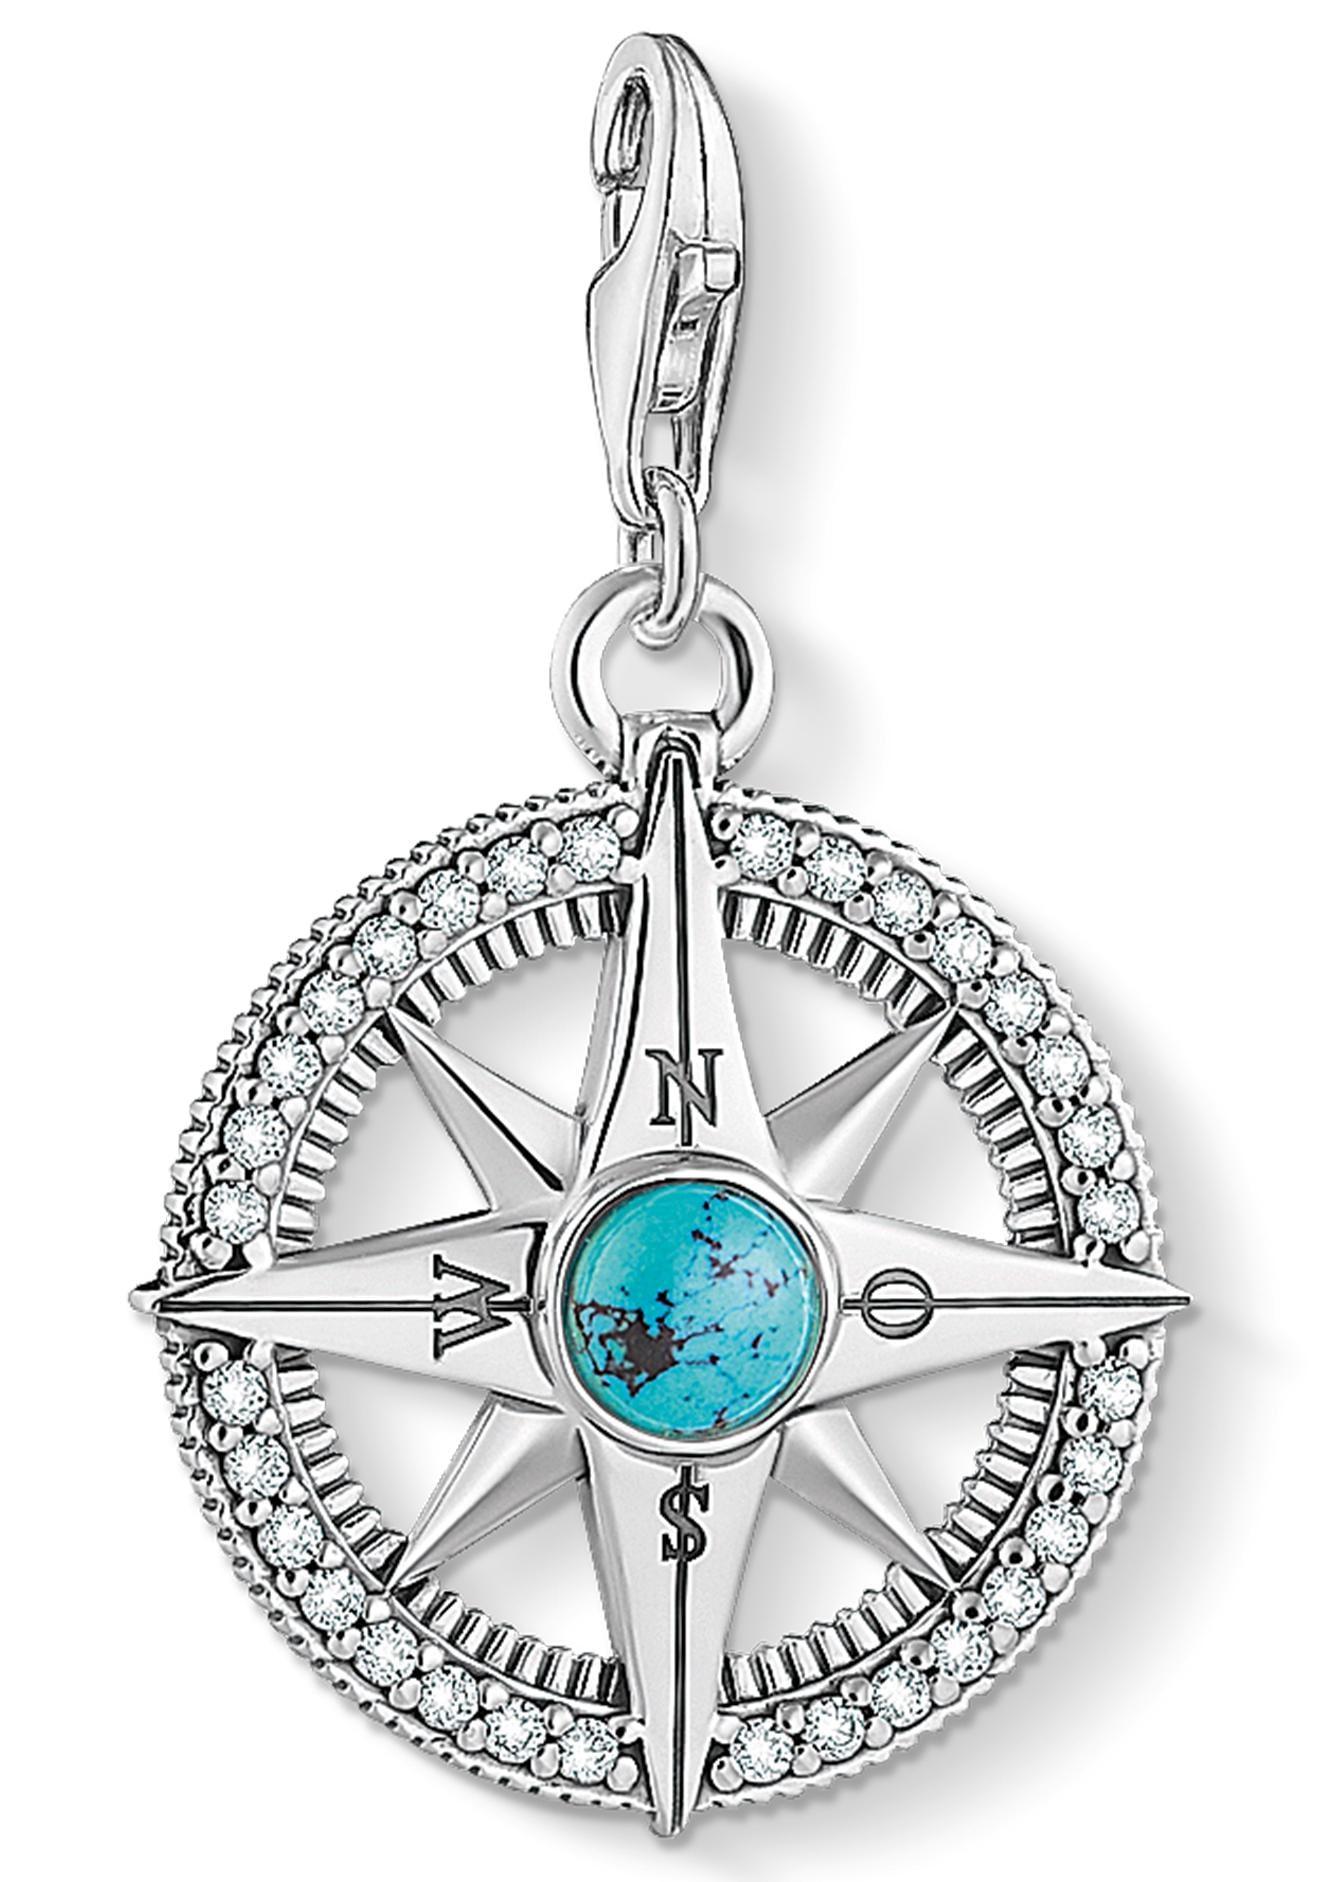 THOMAS SABO Charm-Einhänger Kompass türkis 1773-646-17 | Schmuck > Charms > Charms Anhänger | Blau | Thomas Sabo